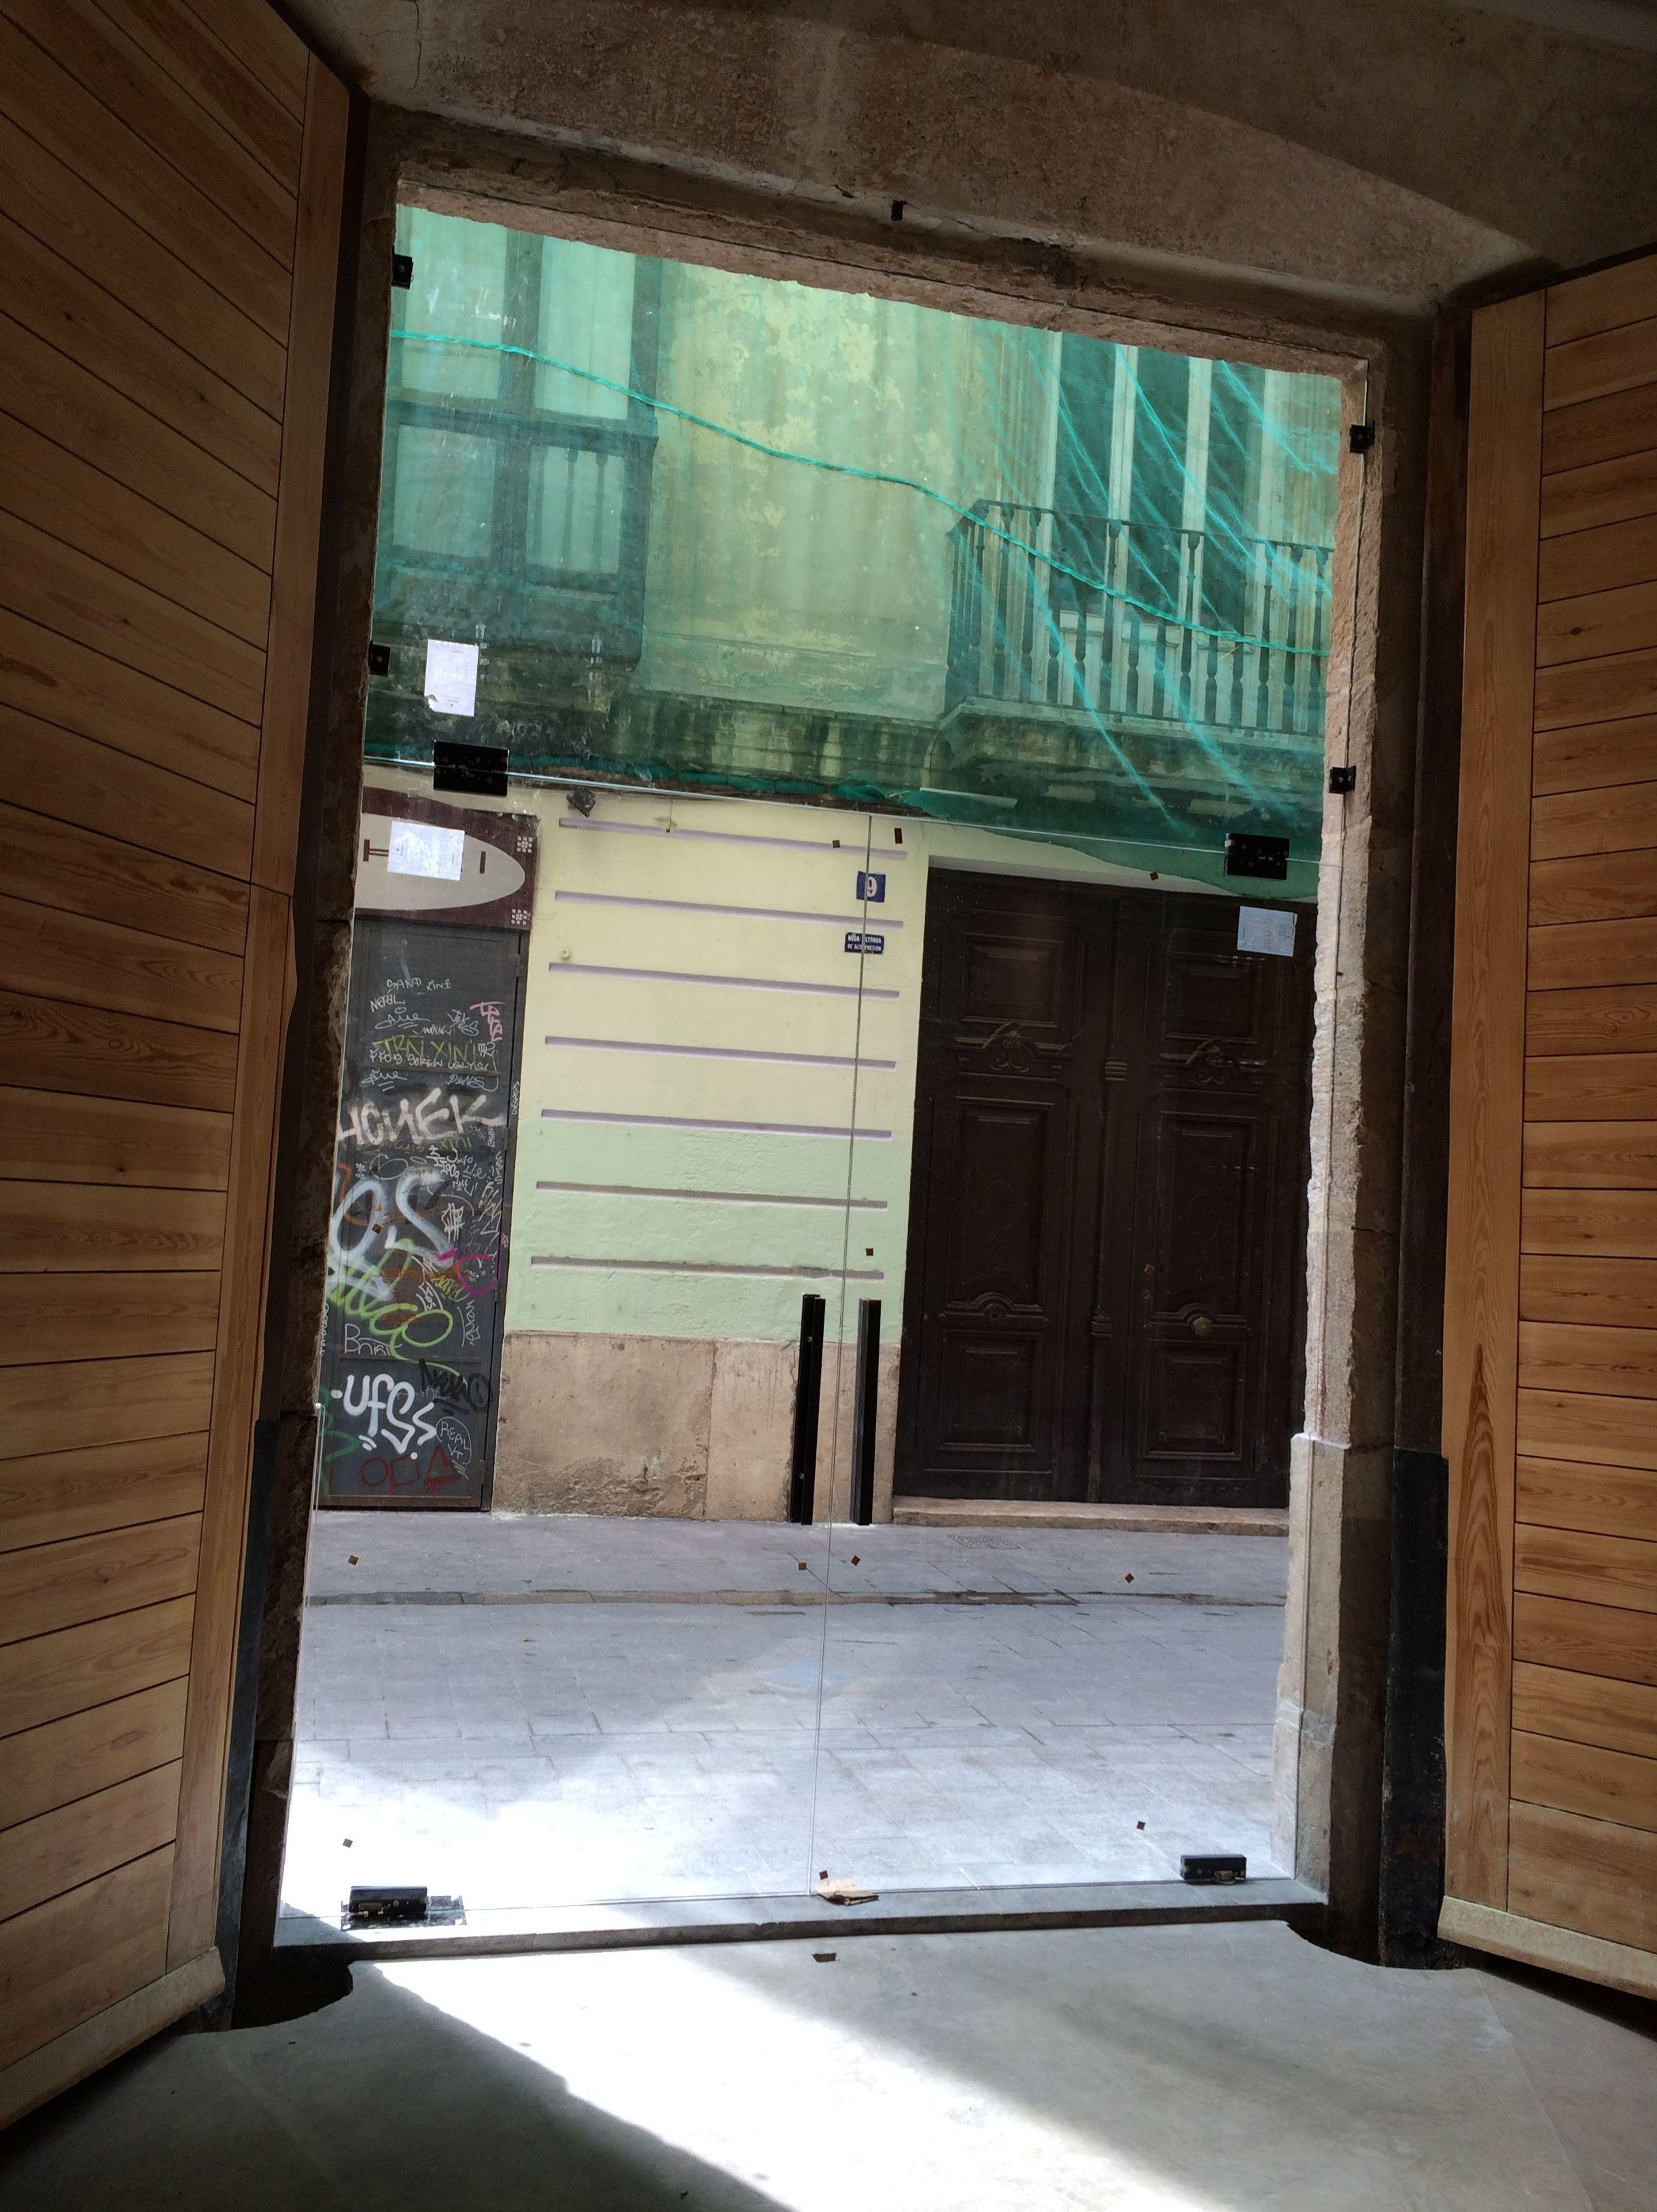 Cerramiento de vidrio templado y herrajes de inoxidable